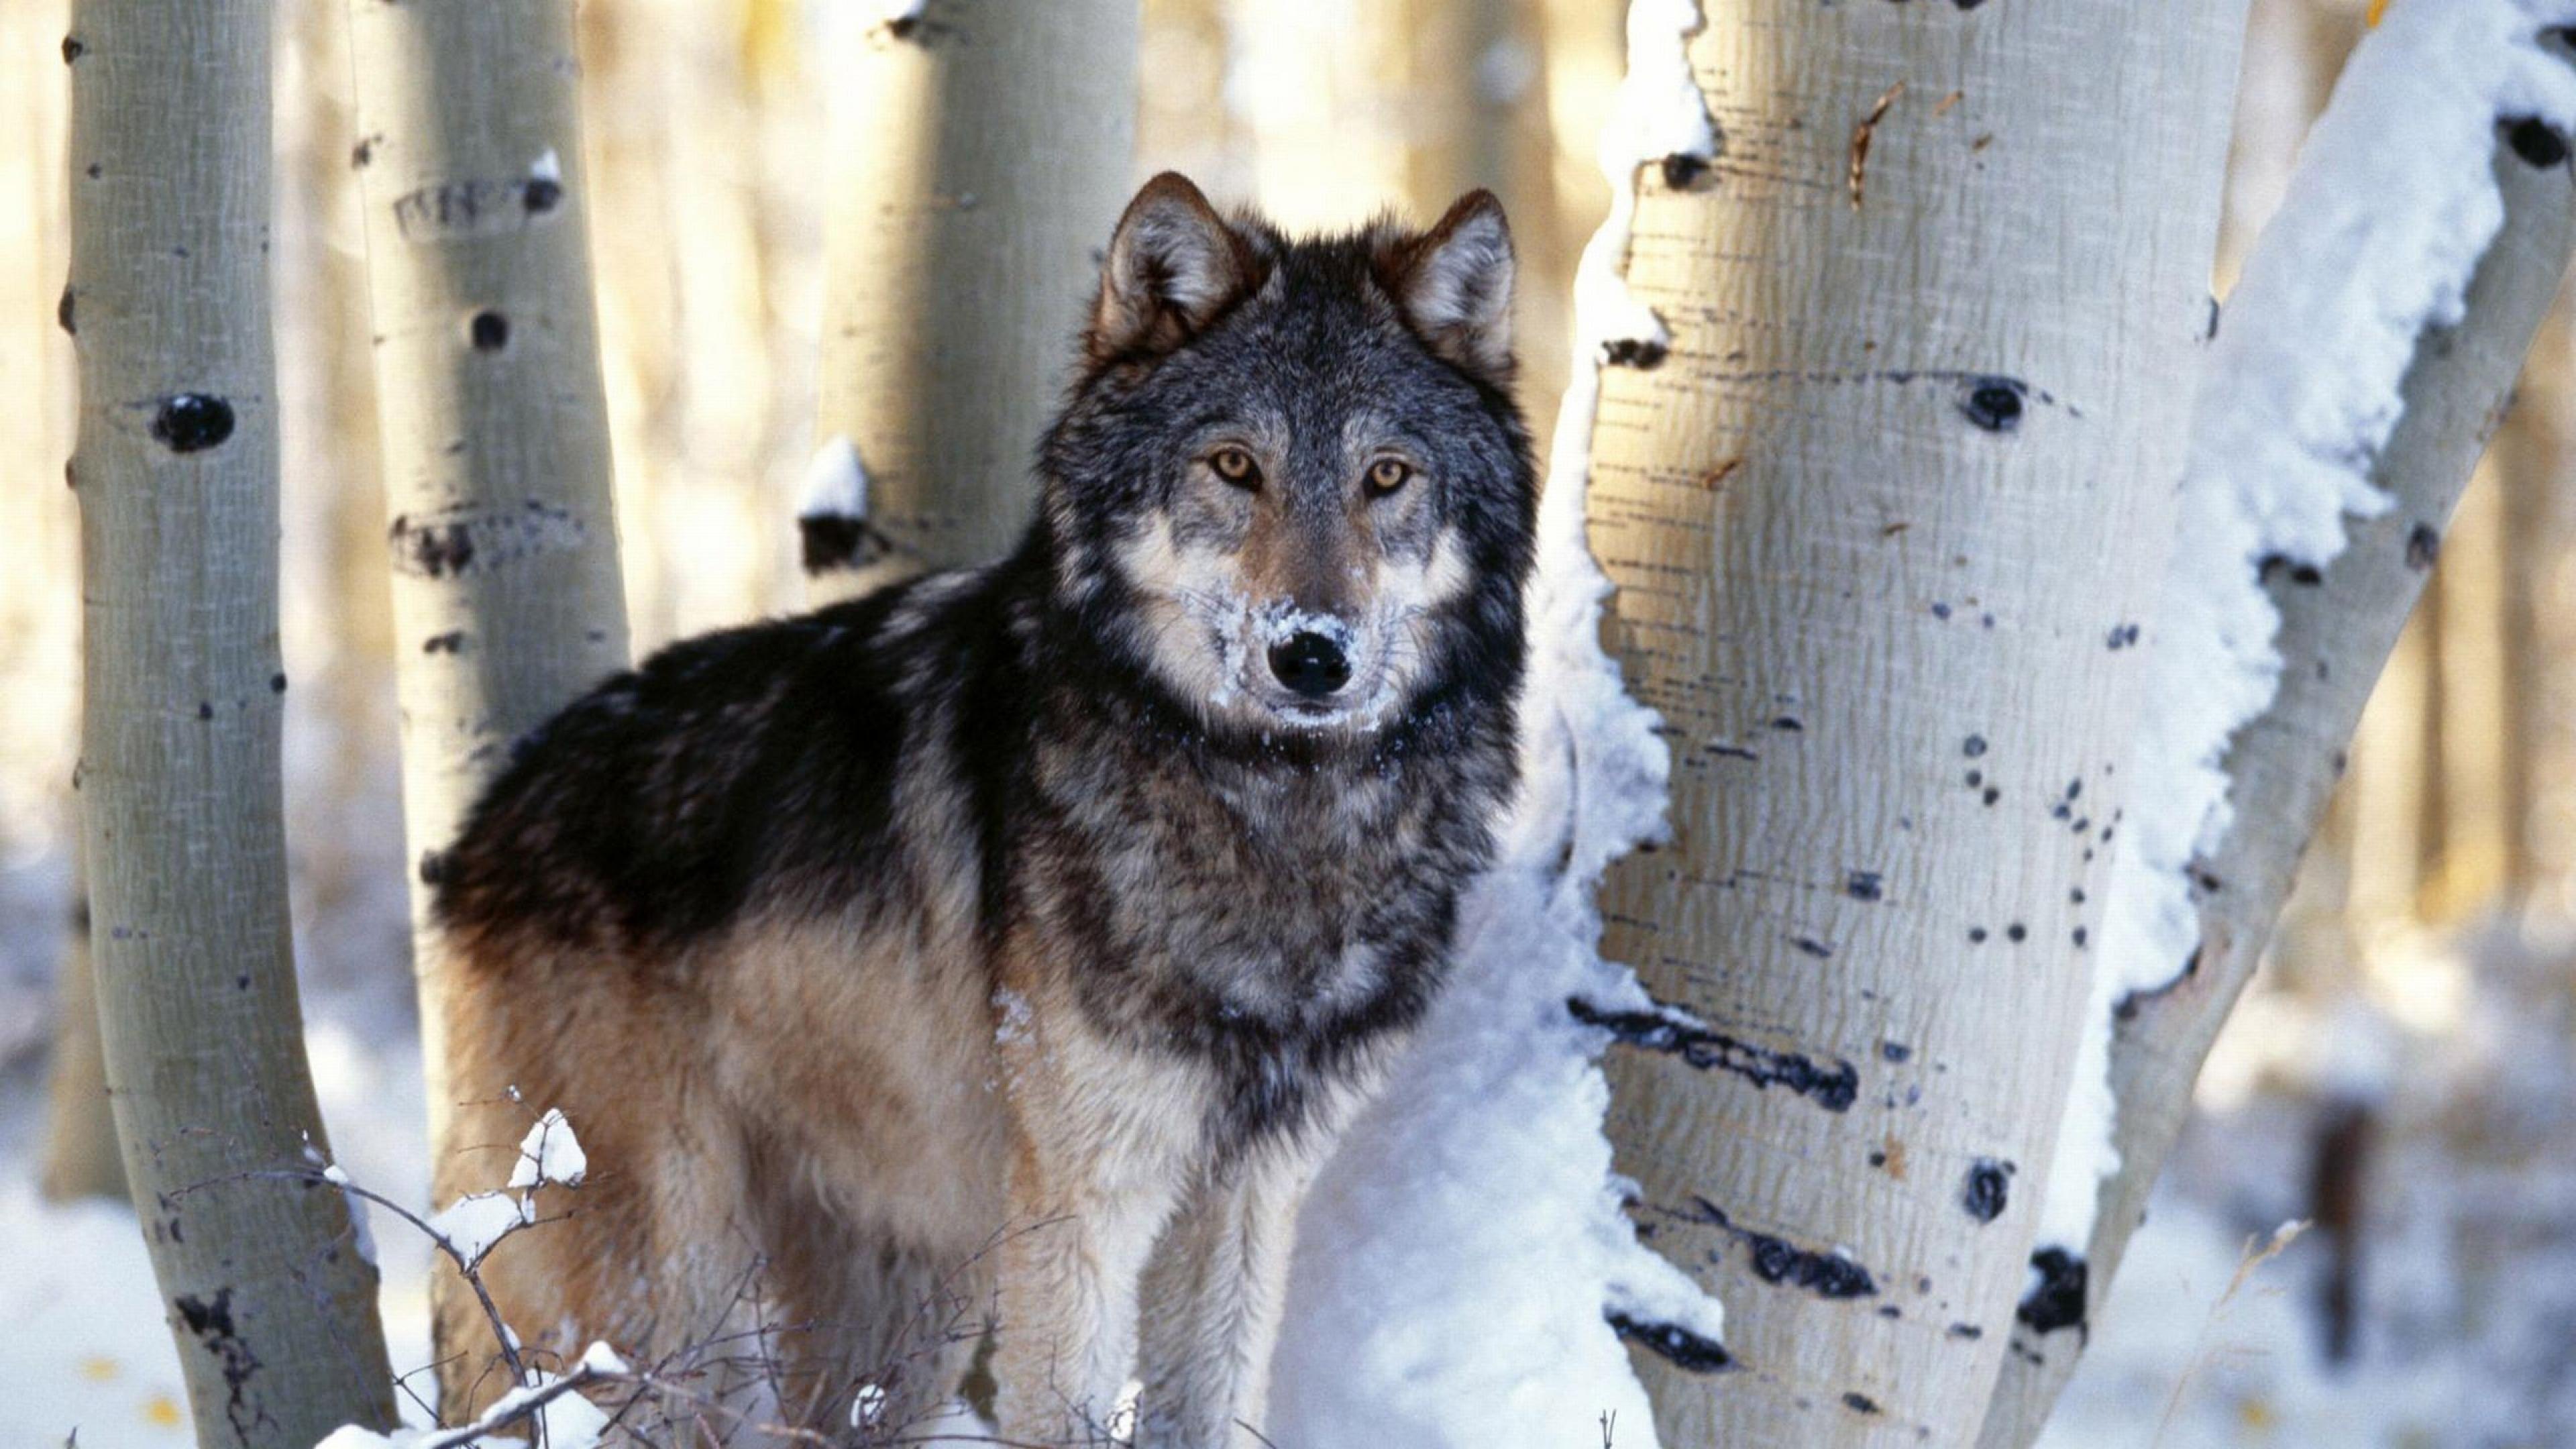 Download Wallpaper 3840x2160 wolf trees snow 4K Ultra HD HD 3840x2160